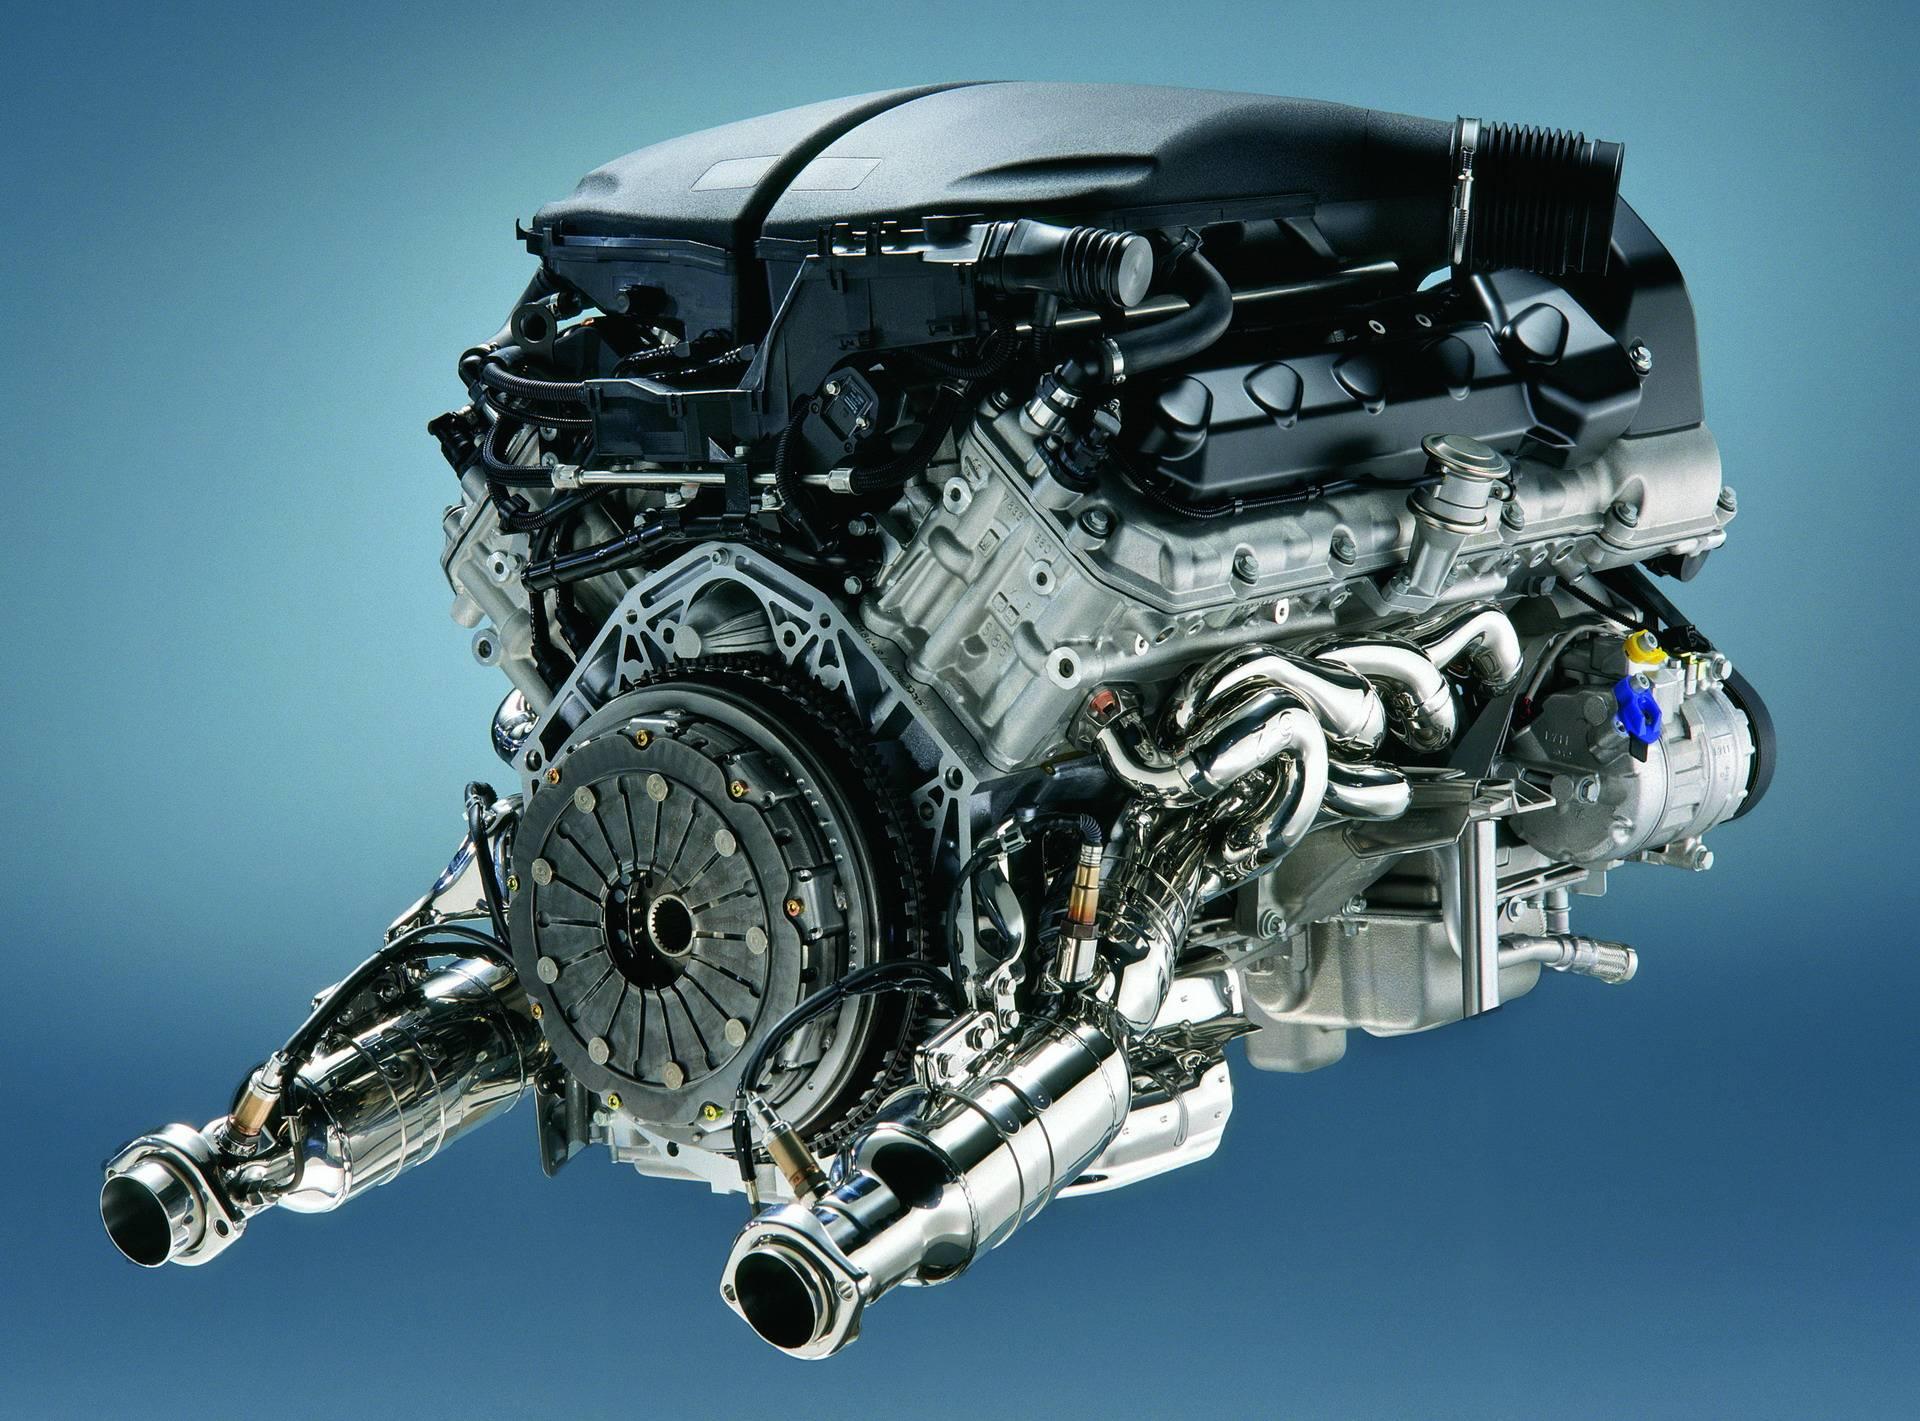 Двигатель BMW S85 V10 - легендарный мотор из Баварии 8